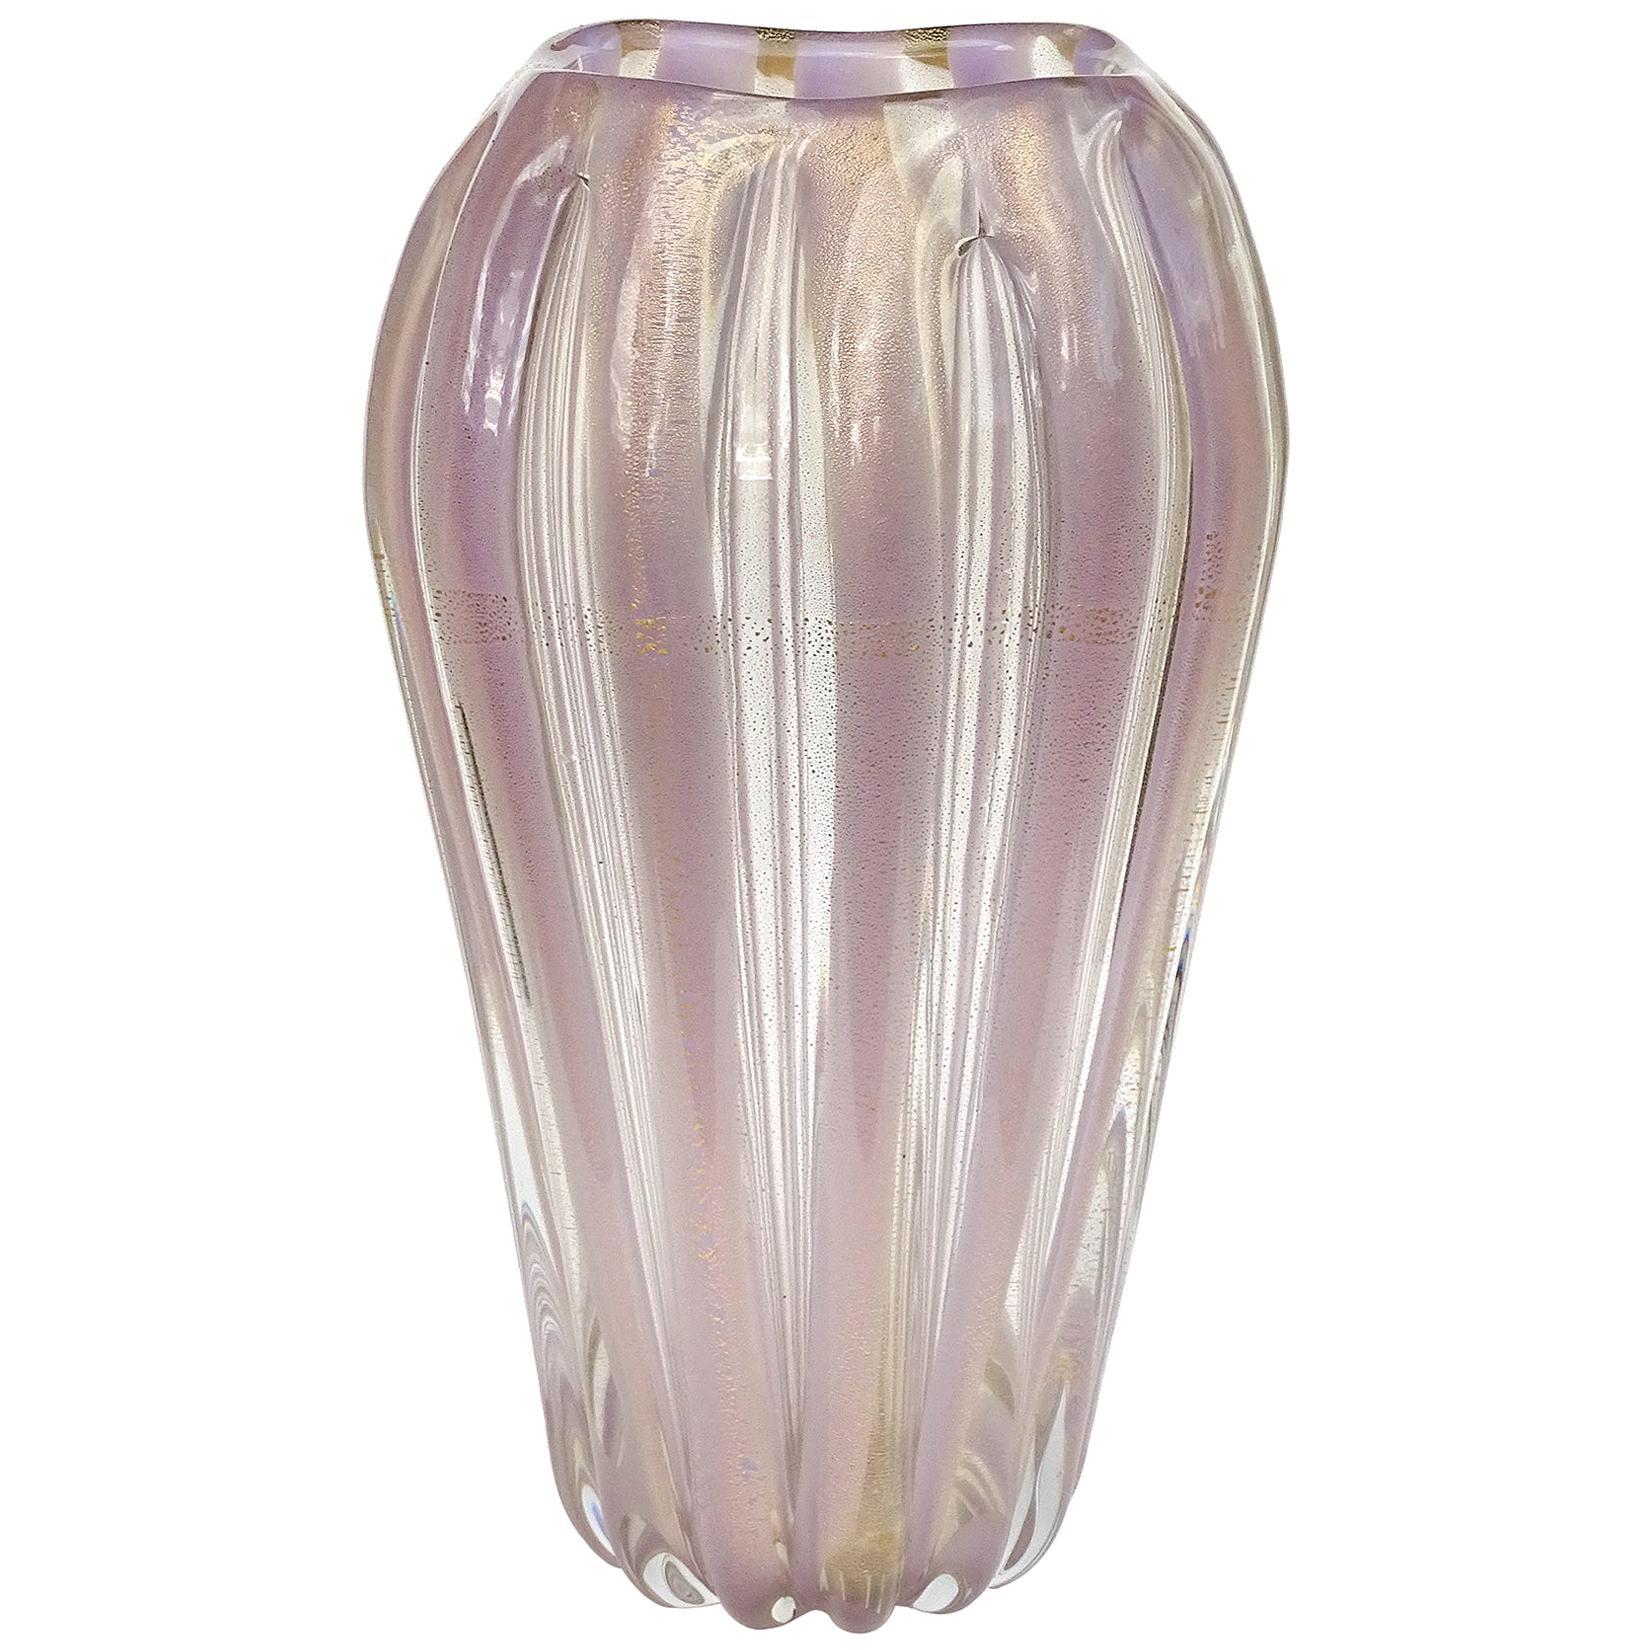 Murano Lavender Stripes Gold Flecks Italian Art Glass Midcentury Flower Vase